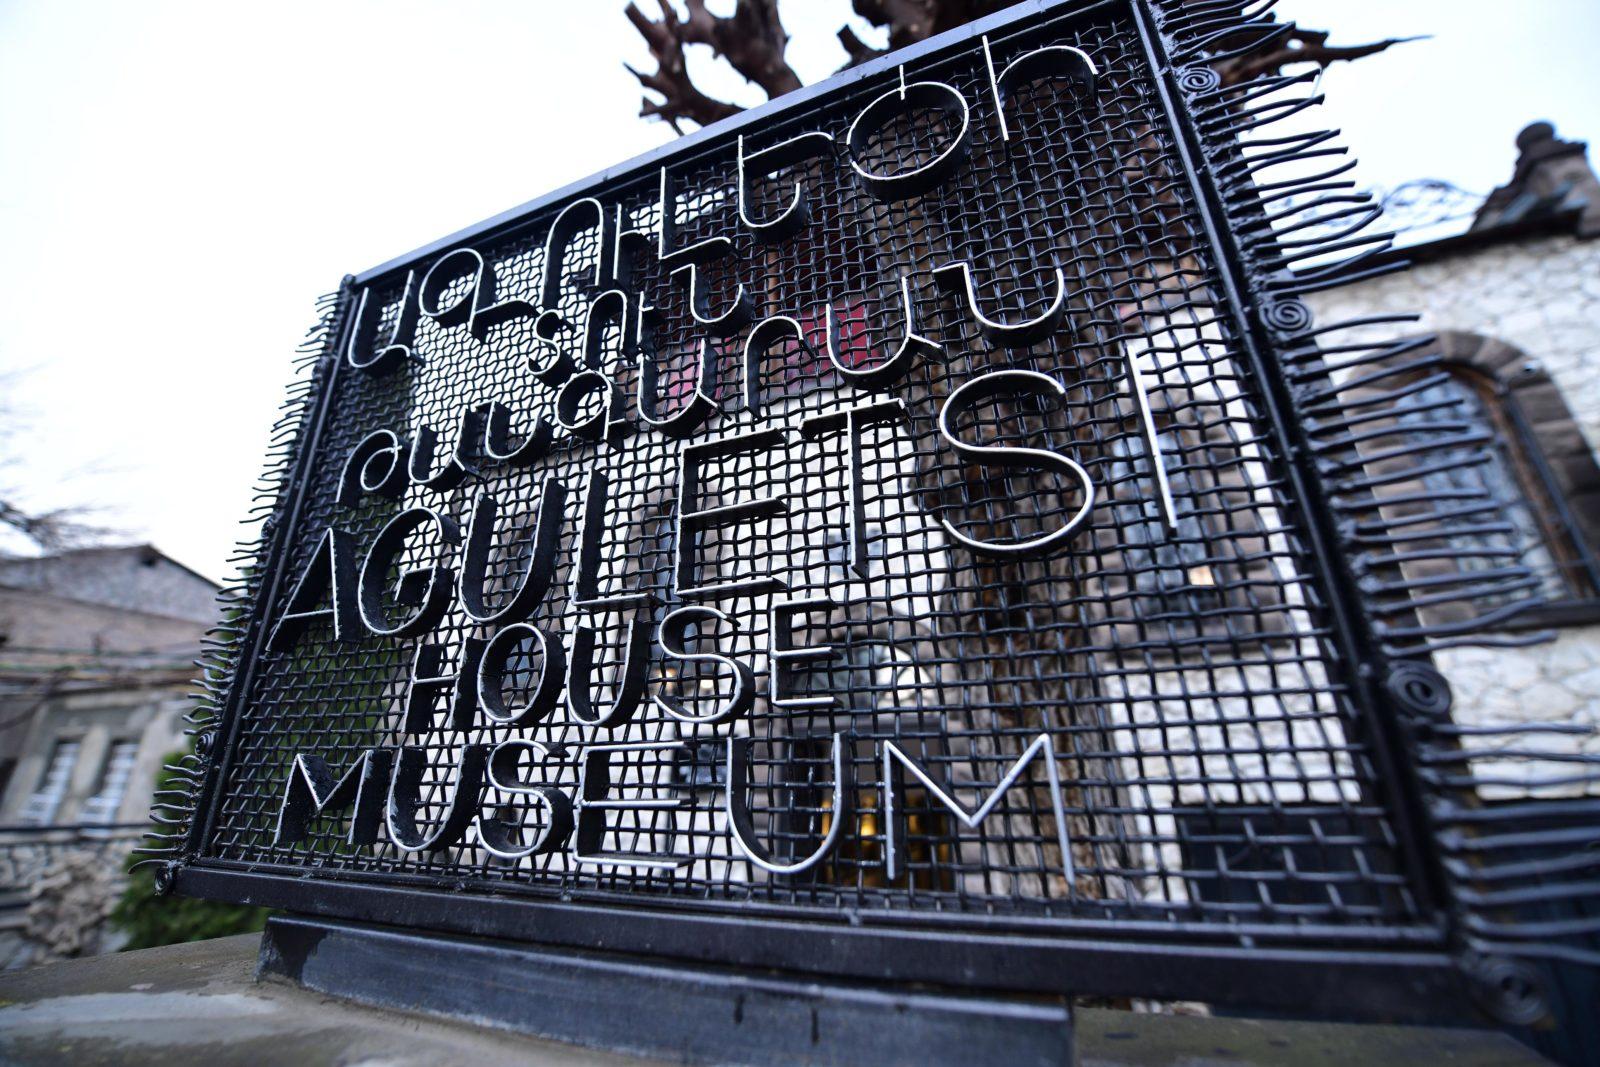 Տունը, որը դաձավ թանգարան, հետո ավելացավ սրճարանը. Լուսիկ Ագուլեցի տուն-թանգարան-սրճարան. Նարինե Մադունց